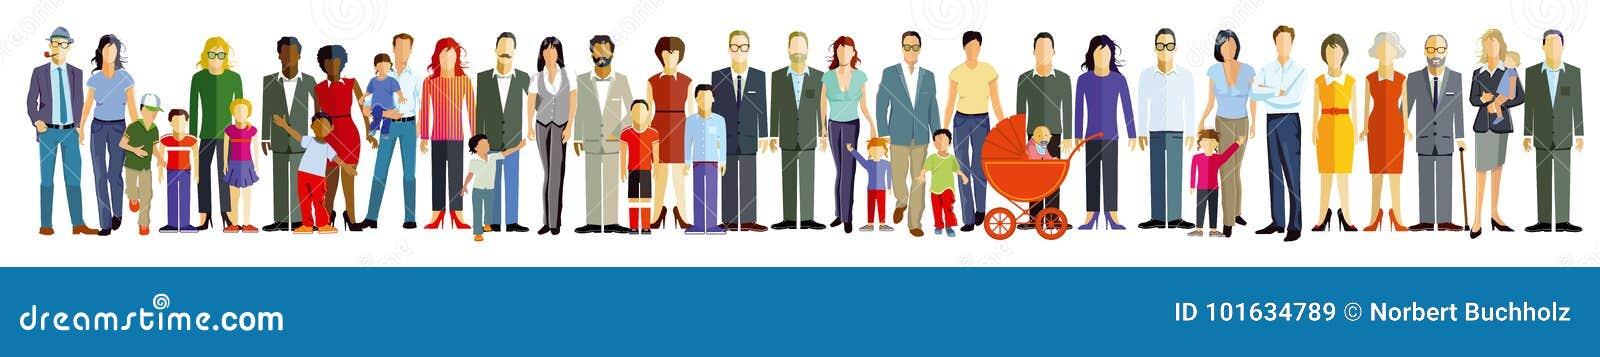 Σχέδιο των ανθρώπων στη γραμμή